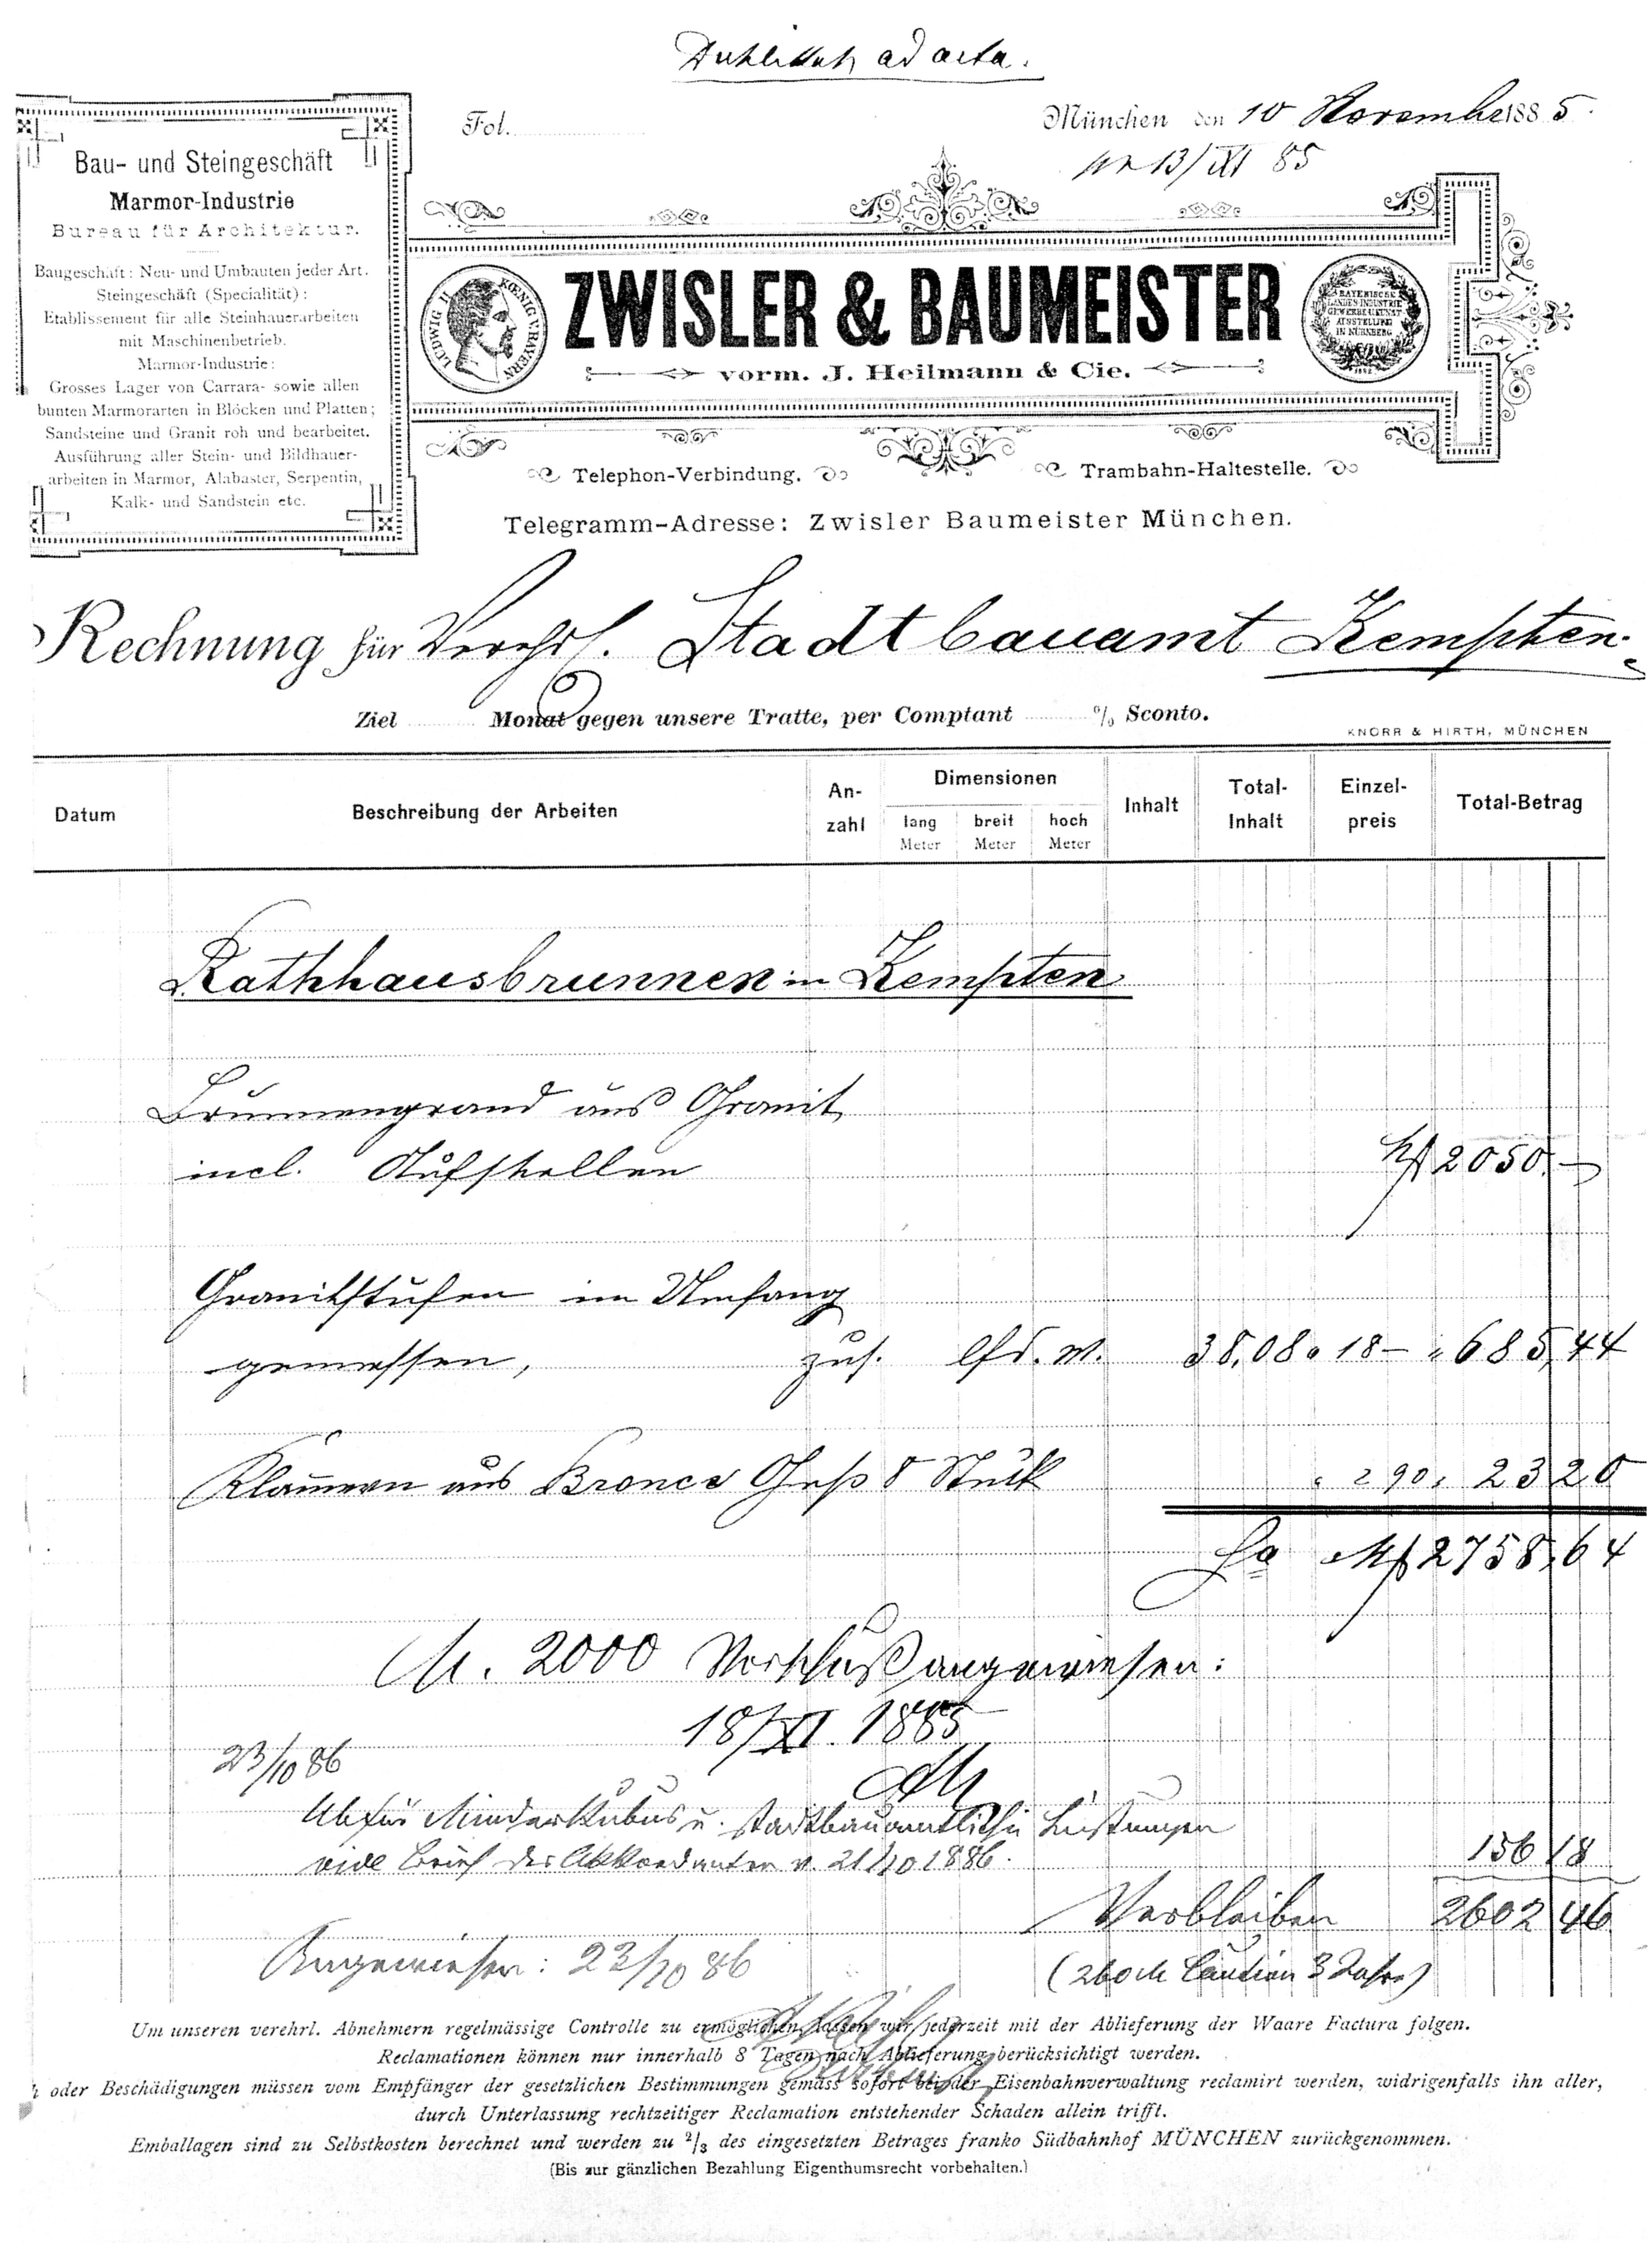 File:Rechnung von Zwisler & Baumeister für neues Granitbecken d ...